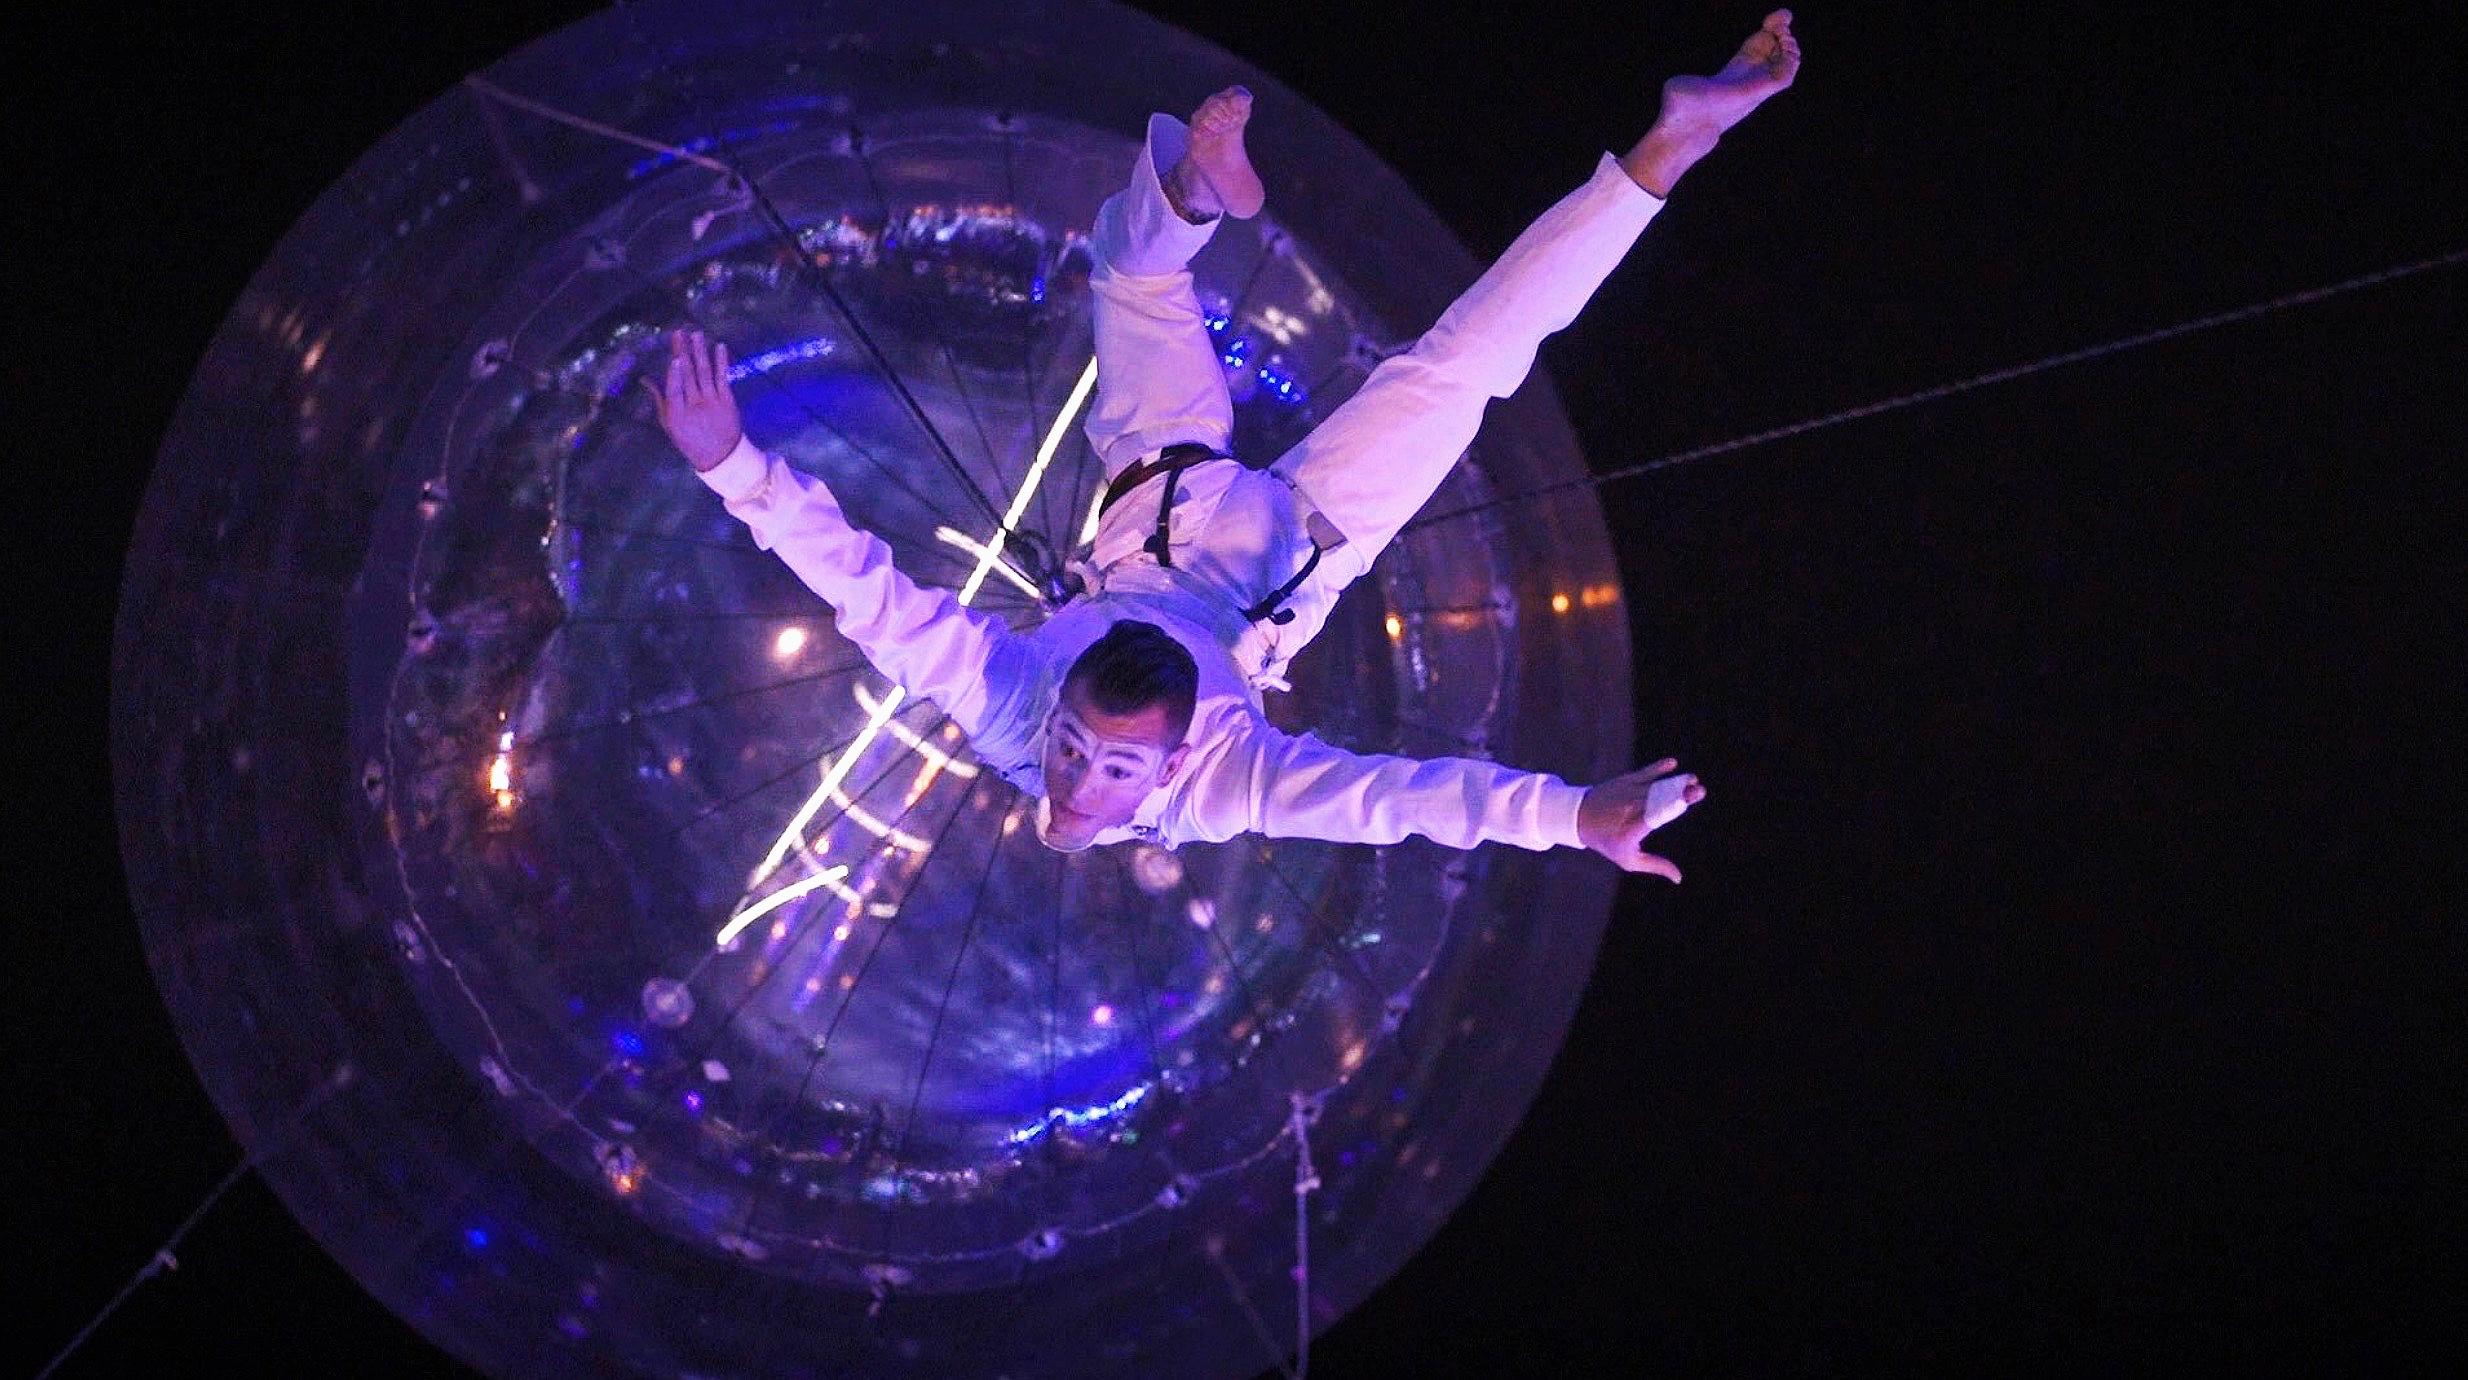 AcroEvents+Lightbulb+Saudi+Arabia+helium.jpg